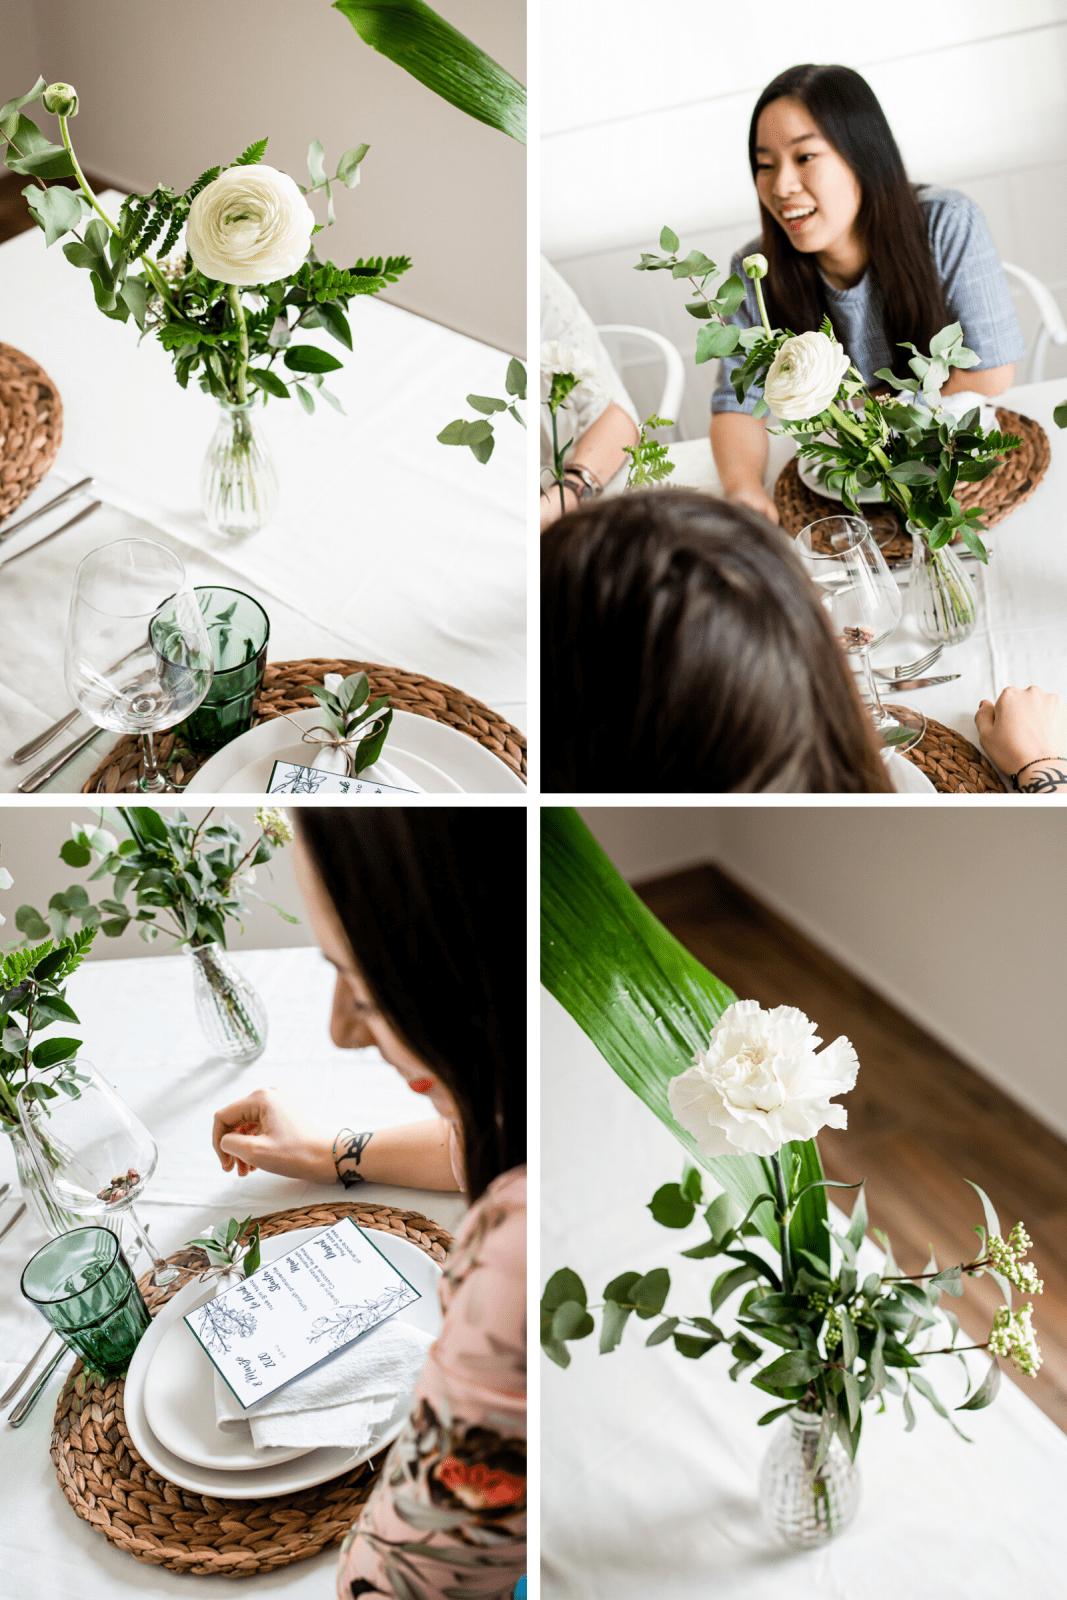 allestimento tavola primaverile per la festa della donna con verde e fiori bianchi